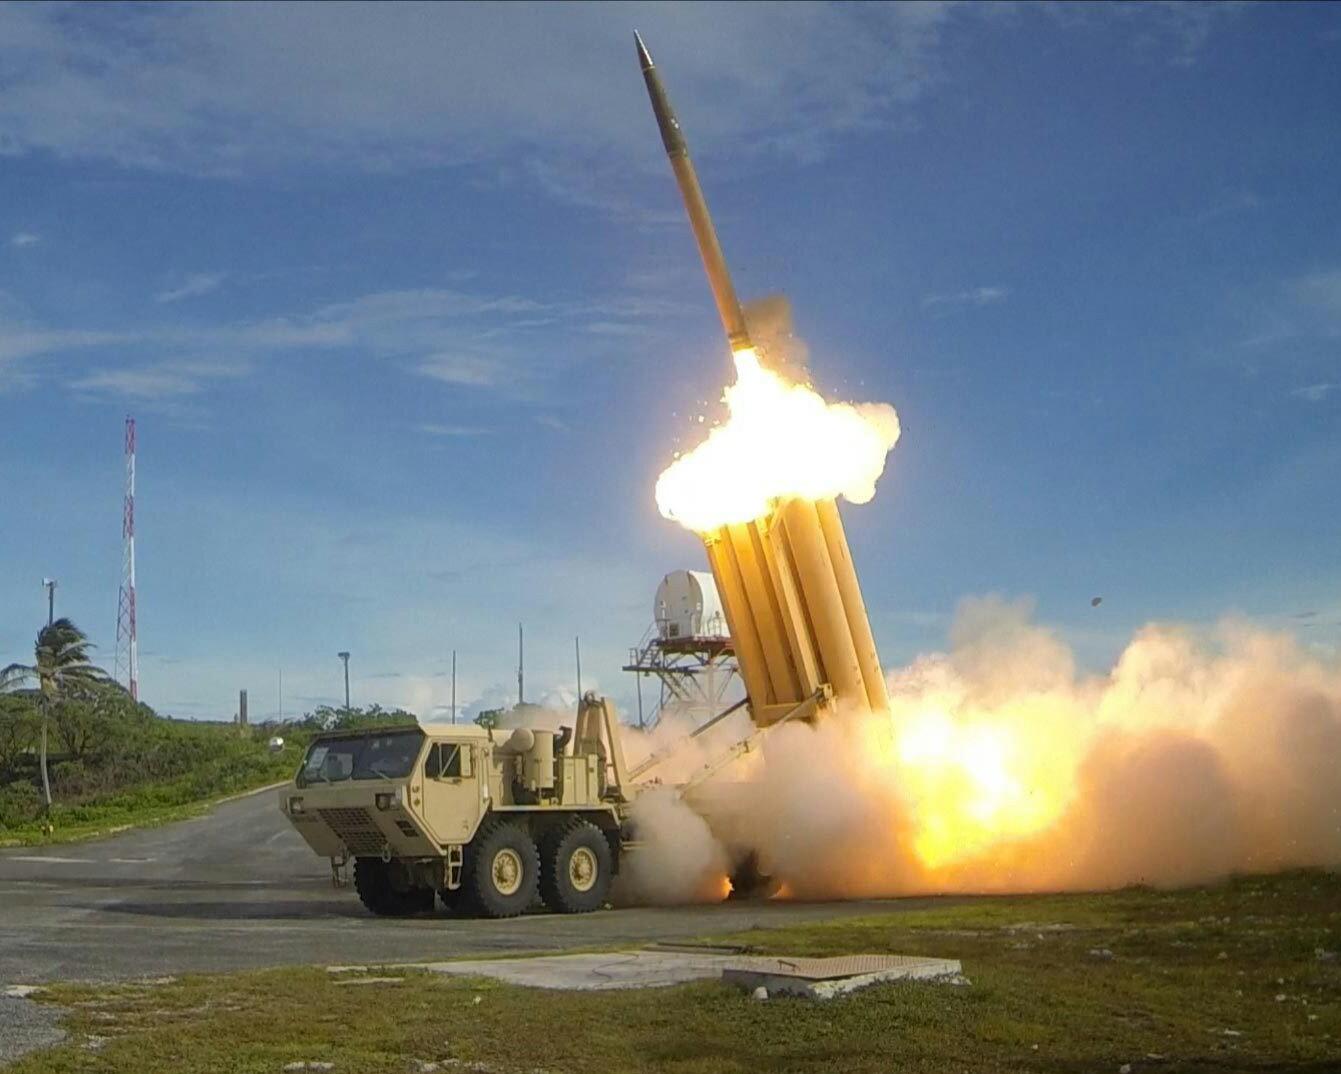 استقرار سامانه موشکی تاد امریکا برای اولین بار در اسرائیل / هدف: مقابله با موشک های ایرانی شهاب